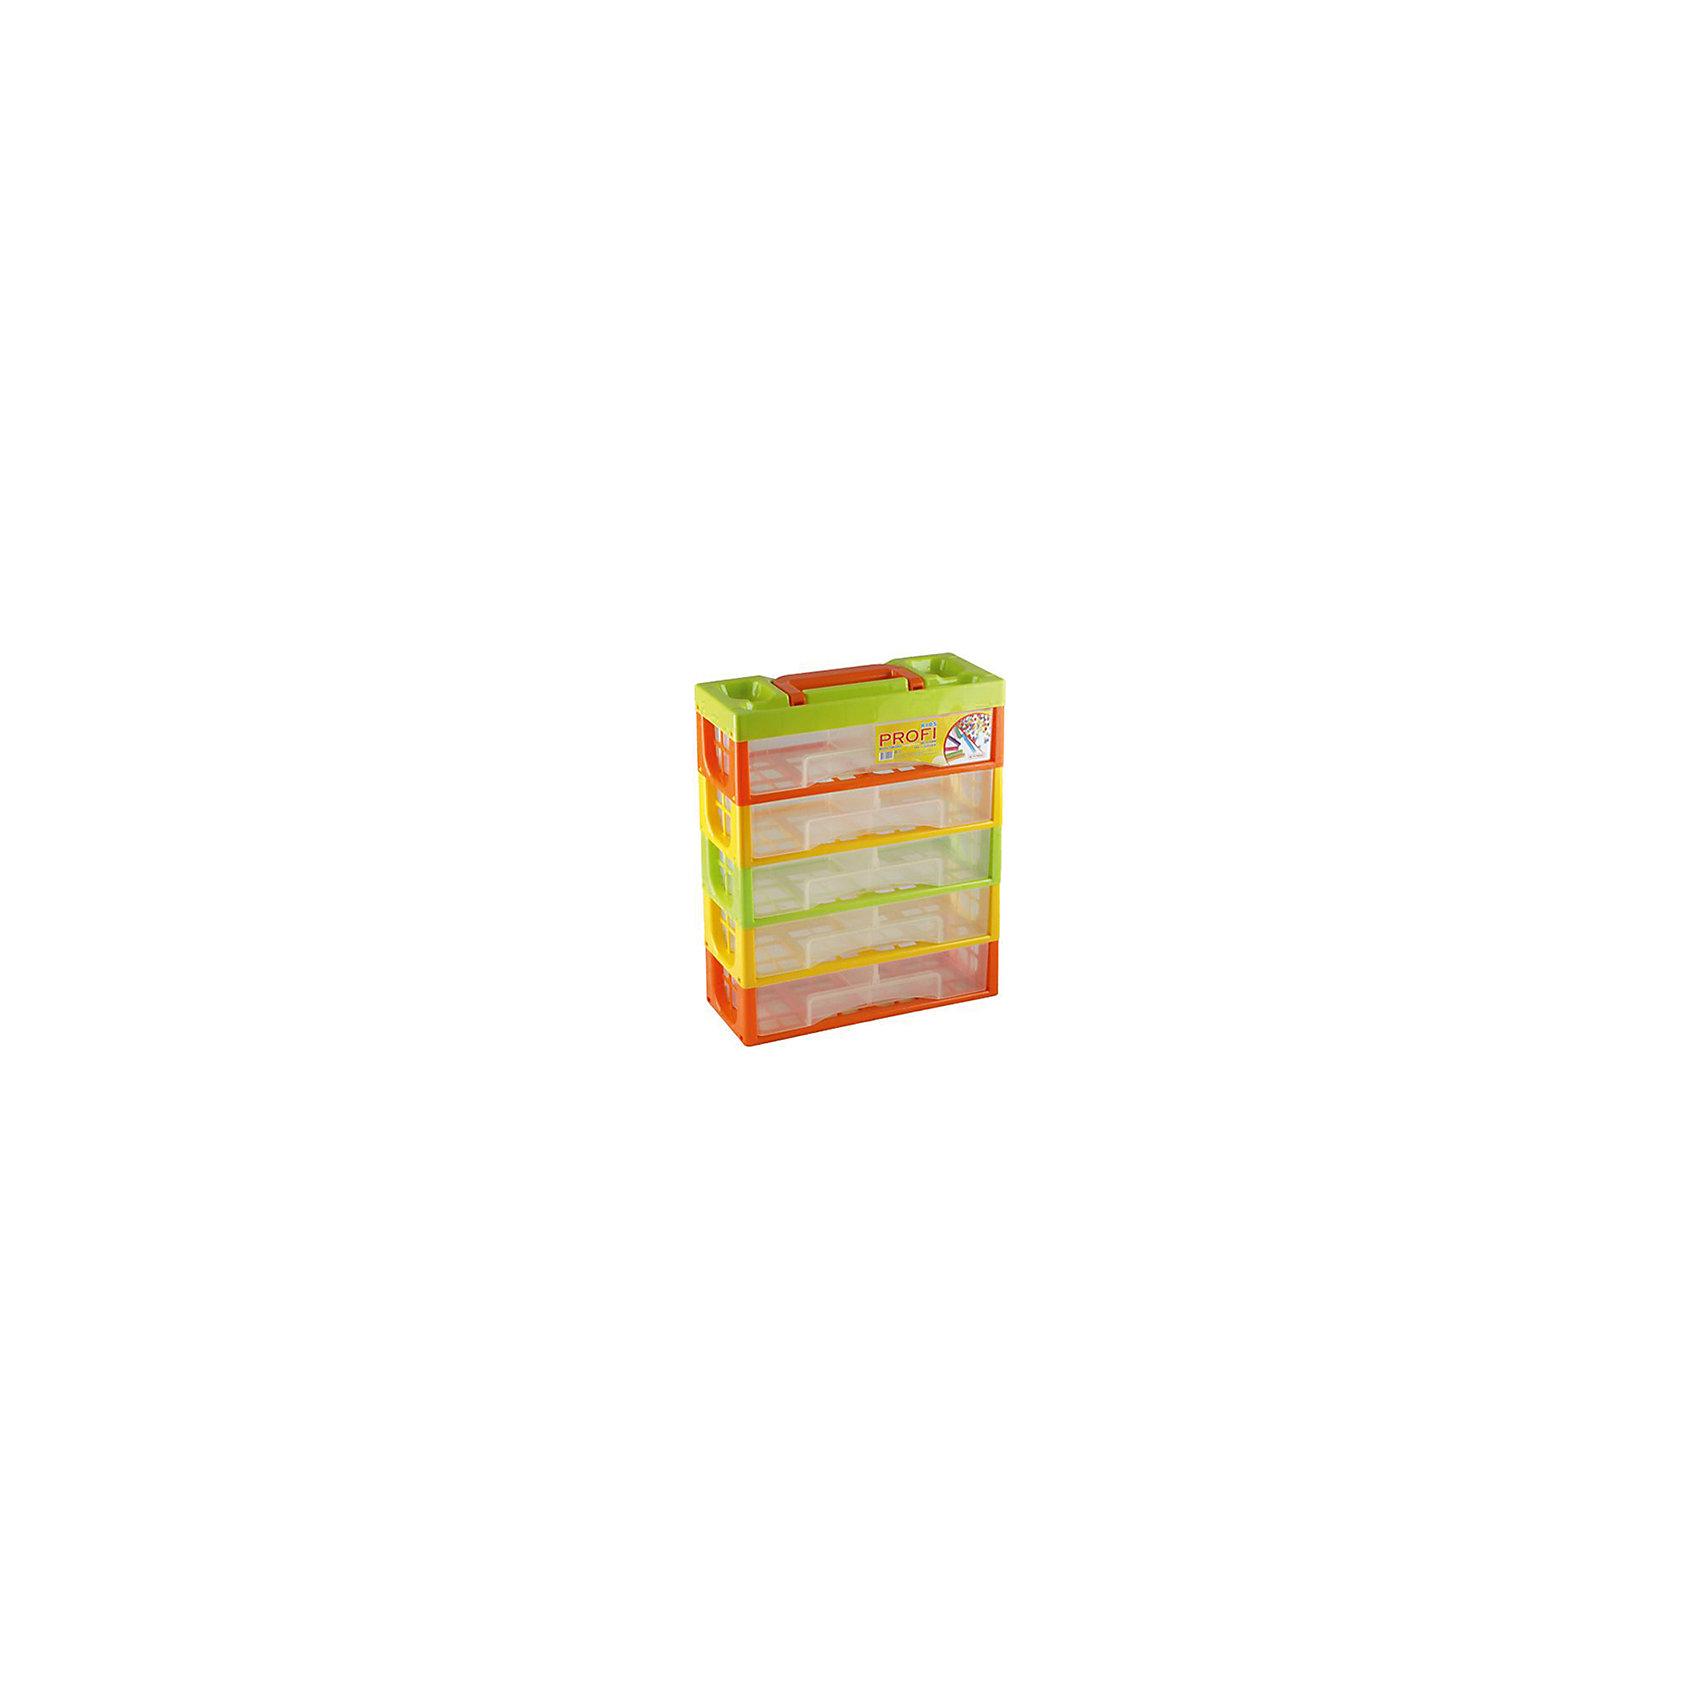 Мультибокс Профи Kids, 5 секцийМультибокс Профи Kids - прекрасный вариант для хранения мелких вещей, игрушек, деталей конструктора, канцелярских принадлежностей. Мультибокс выполнен из высококачественного прочного пластика, имеет 5 секций и удобную ручку для переноски. <br><br>Дополнительная информация:<br><br>- Материал: пластик.<br>- Размер:  32х14х38 см.<br>- Размер одного ящика: 30х12х7 см.<br>- Ящики разделены на 2 отделения. <br><br>Мультибокс Профи Kids, 5 секций, можно купить в нашем магазине.<br><br>Ширина мм: 320<br>Глубина мм: 140<br>Высота мм: 380<br>Вес г: 300<br>Возраст от месяцев: 12<br>Возраст до месяцев: 120<br>Пол: Унисекс<br>Возраст: Детский<br>SKU: 4718432